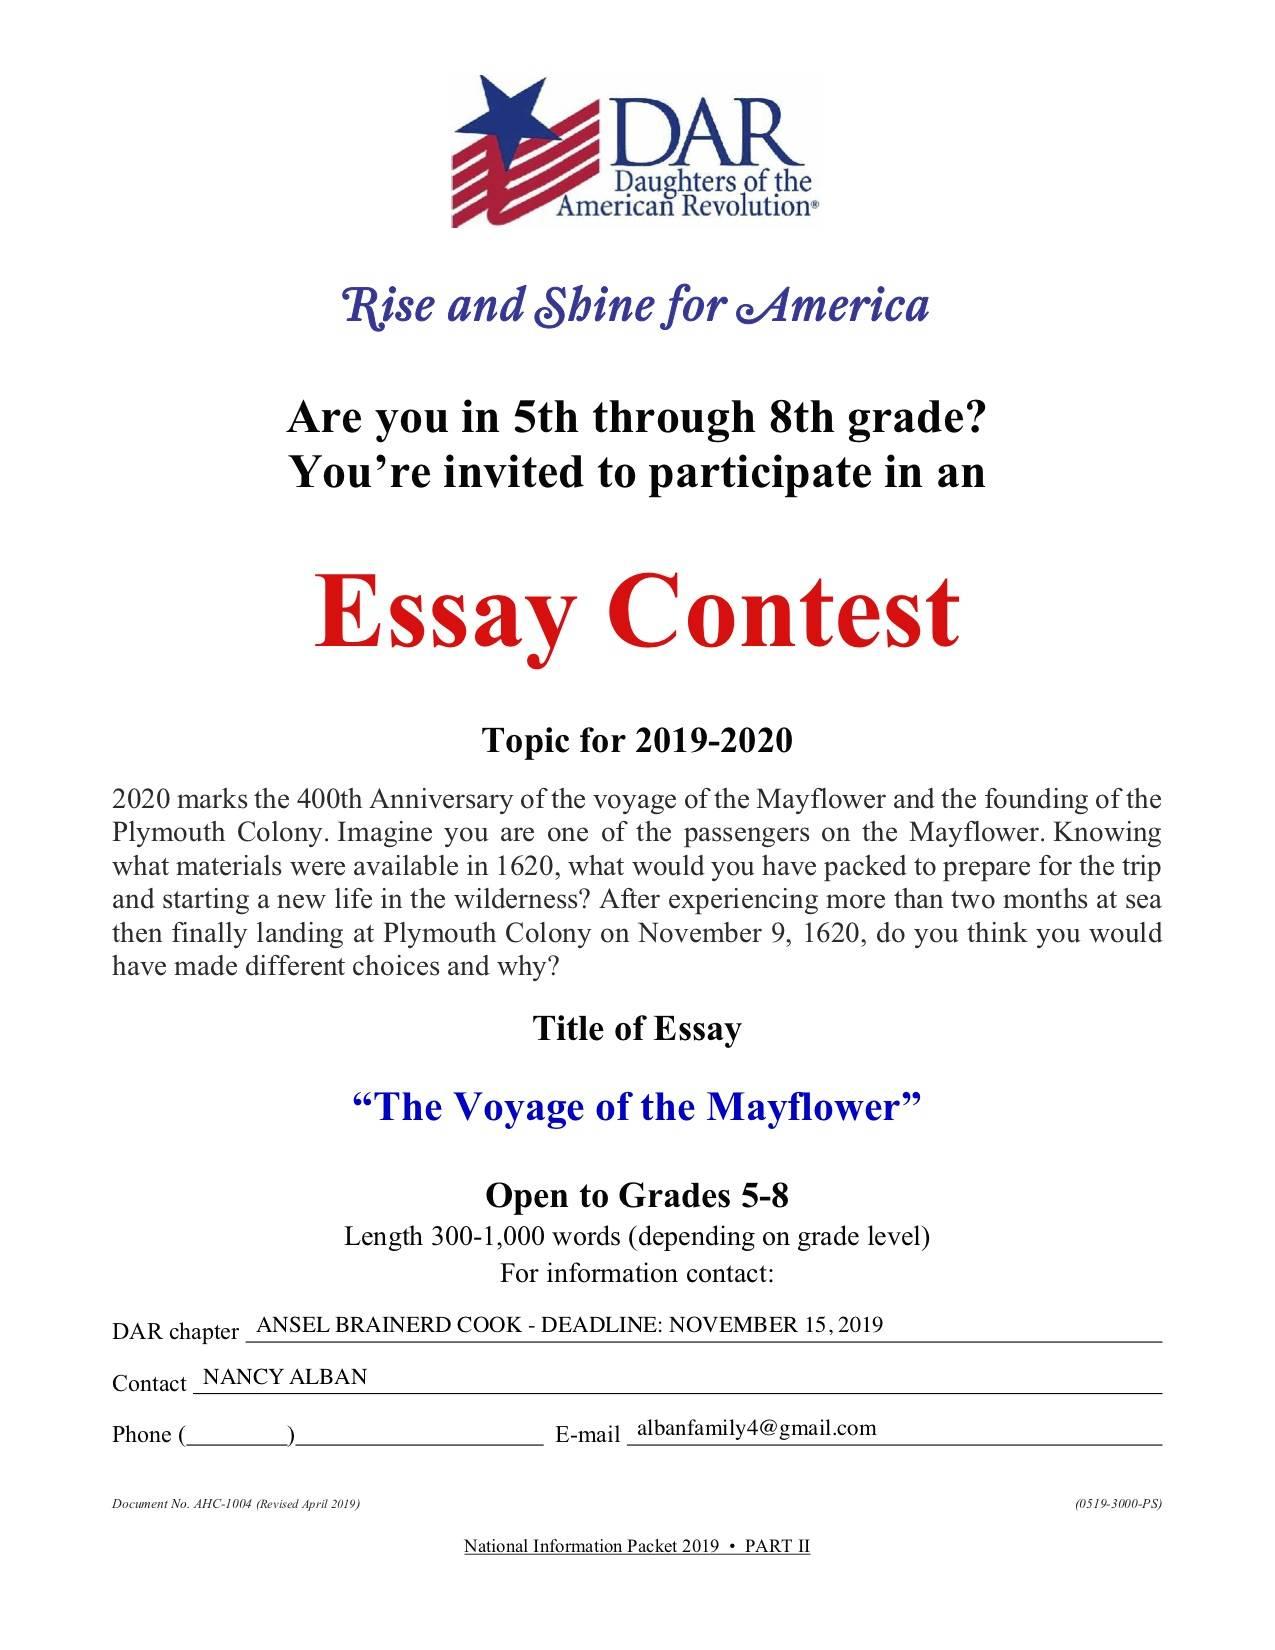 dar essay contest 2019-2020